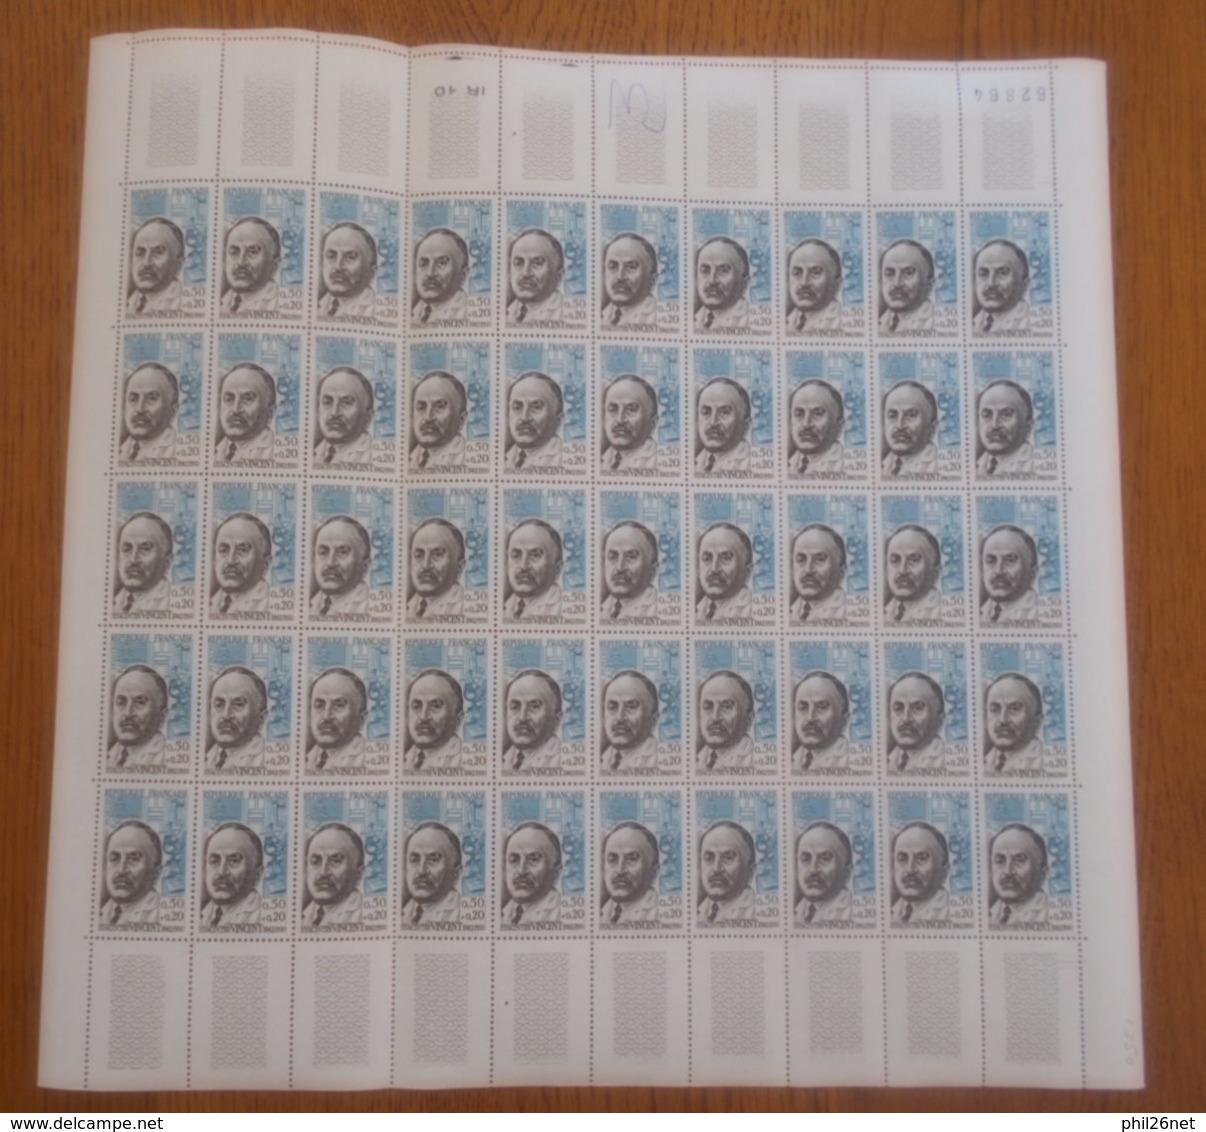 Feuilles Entières N° 1345 à 1350 Célébrités 1962 Neufs * * TB = MNH VF Soldé  à Moins De 15 %  Meilleur Prix Sur Le Site - Full Sheets